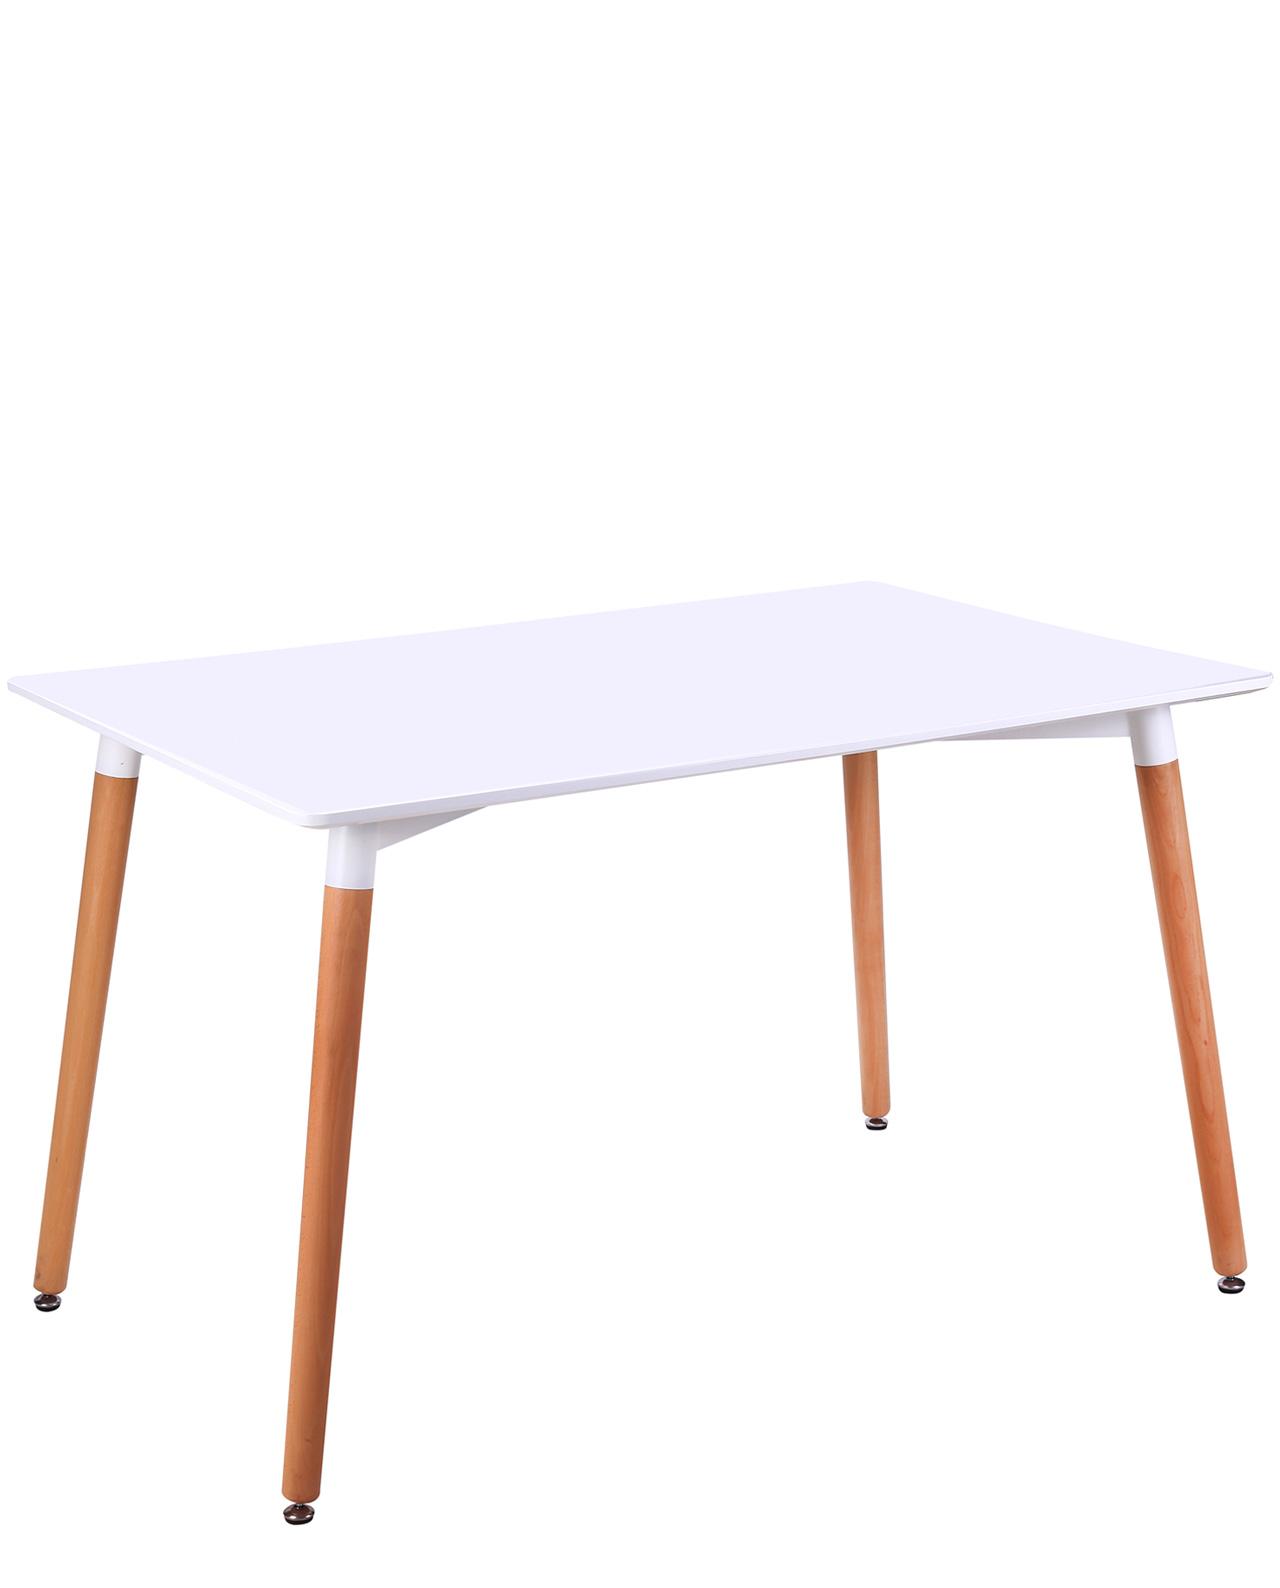 table de cuisine scandinave 120 x 80 cm nata